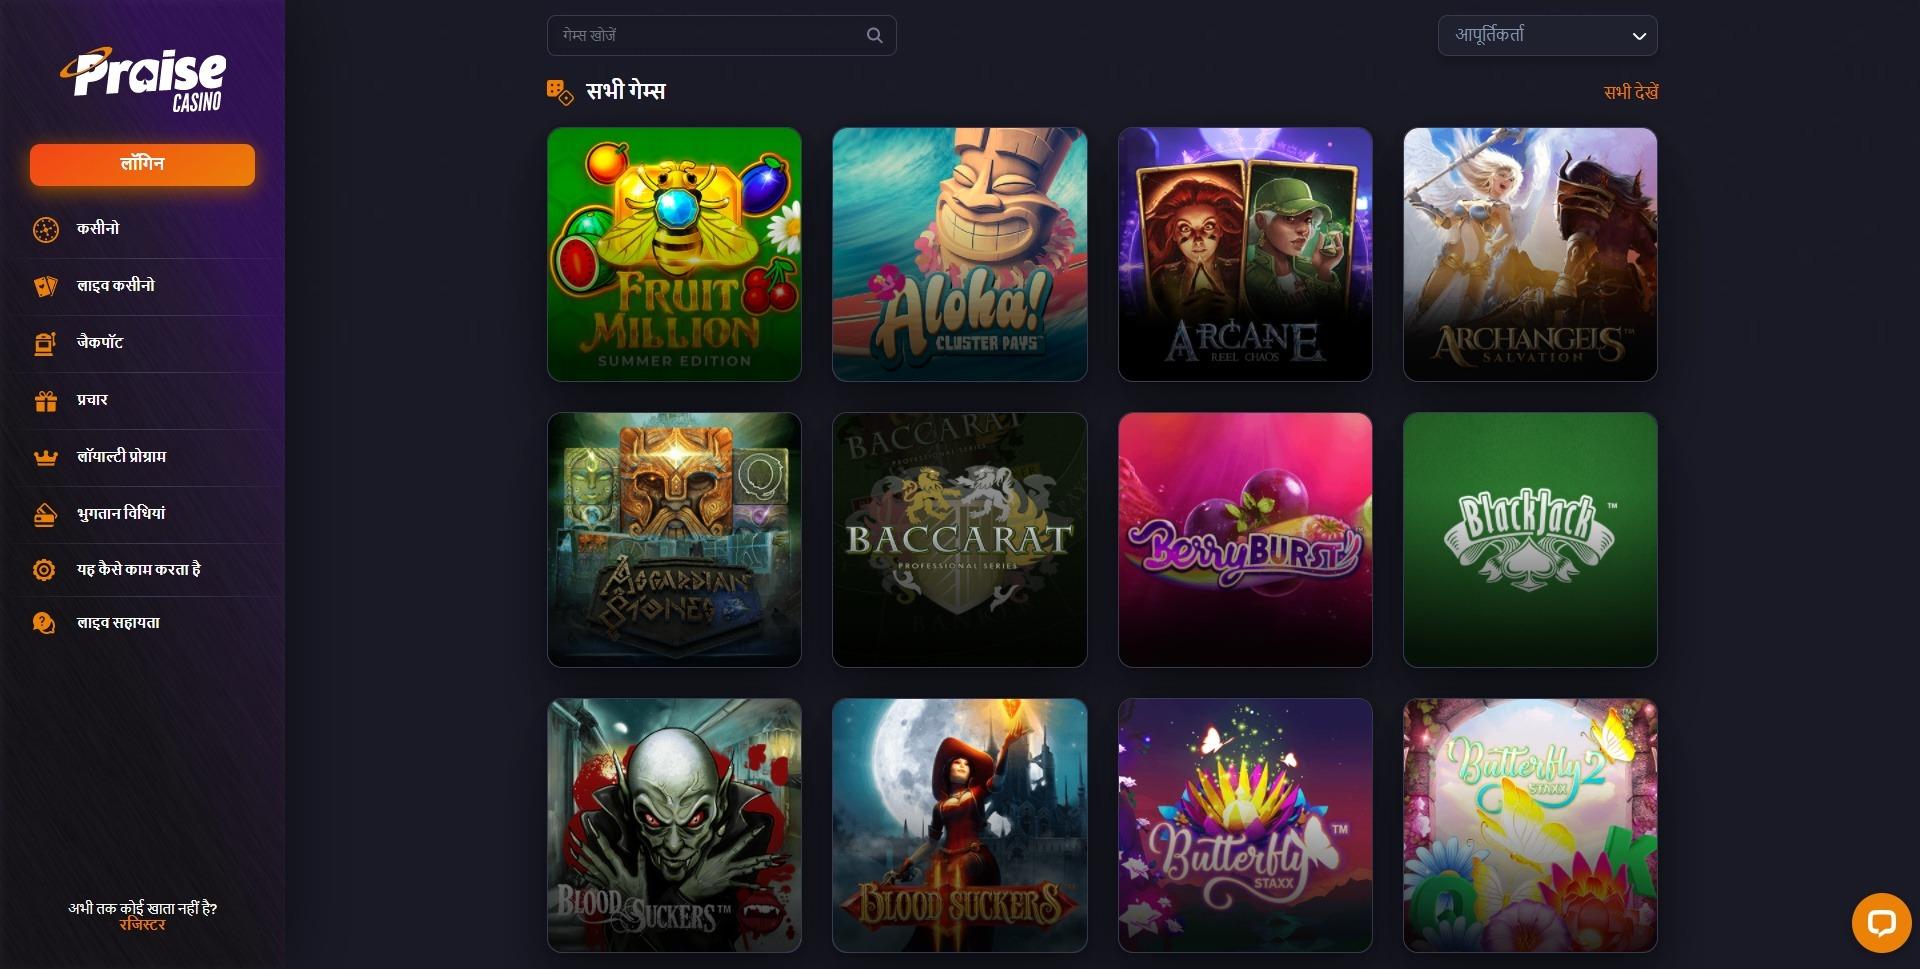 Praise Casino Games India